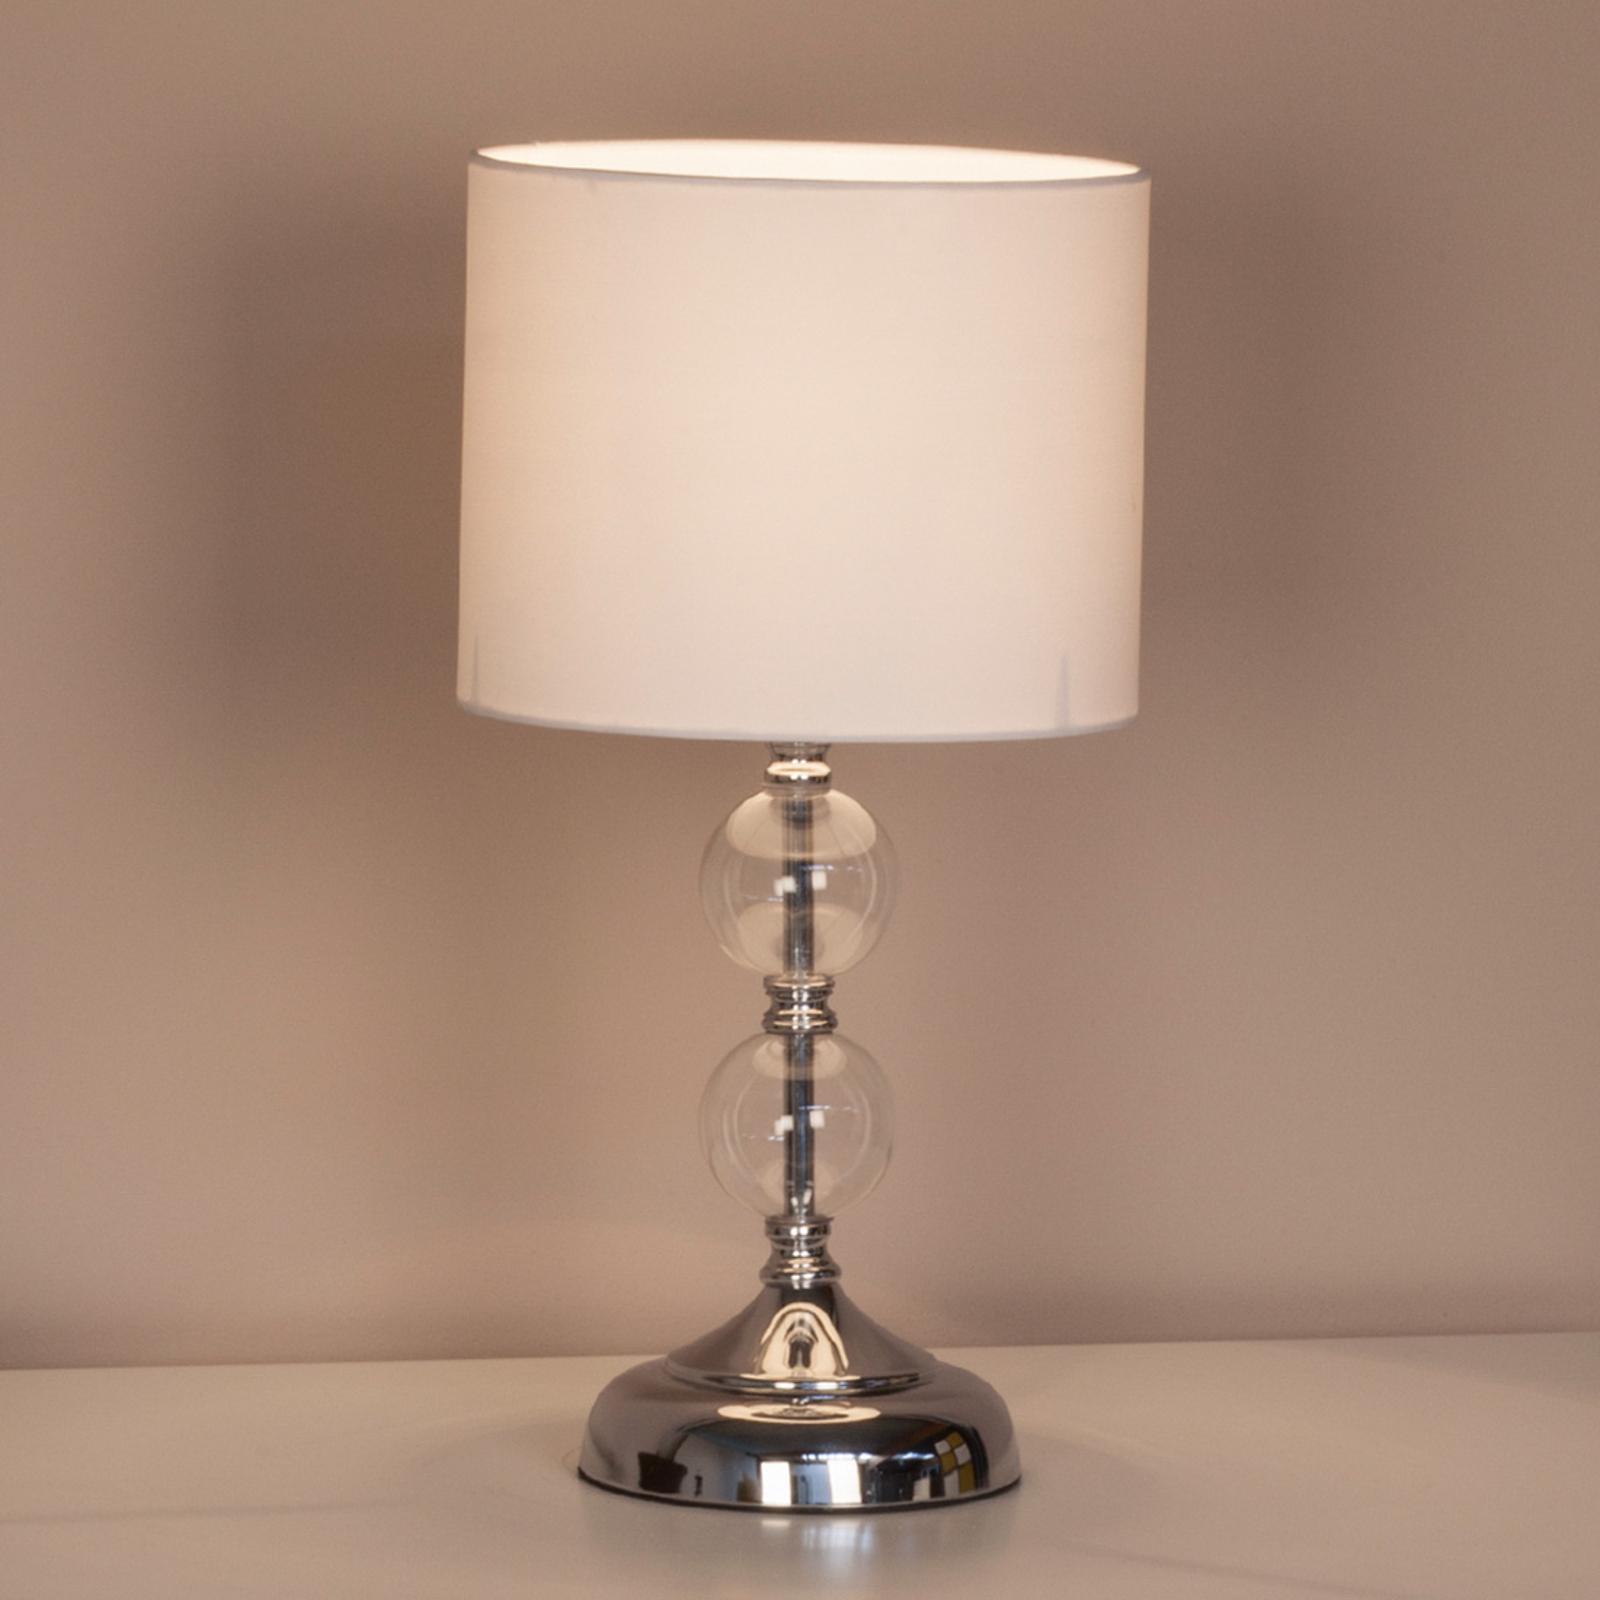 Lampe à poser décorative Rom, abat-jour textile